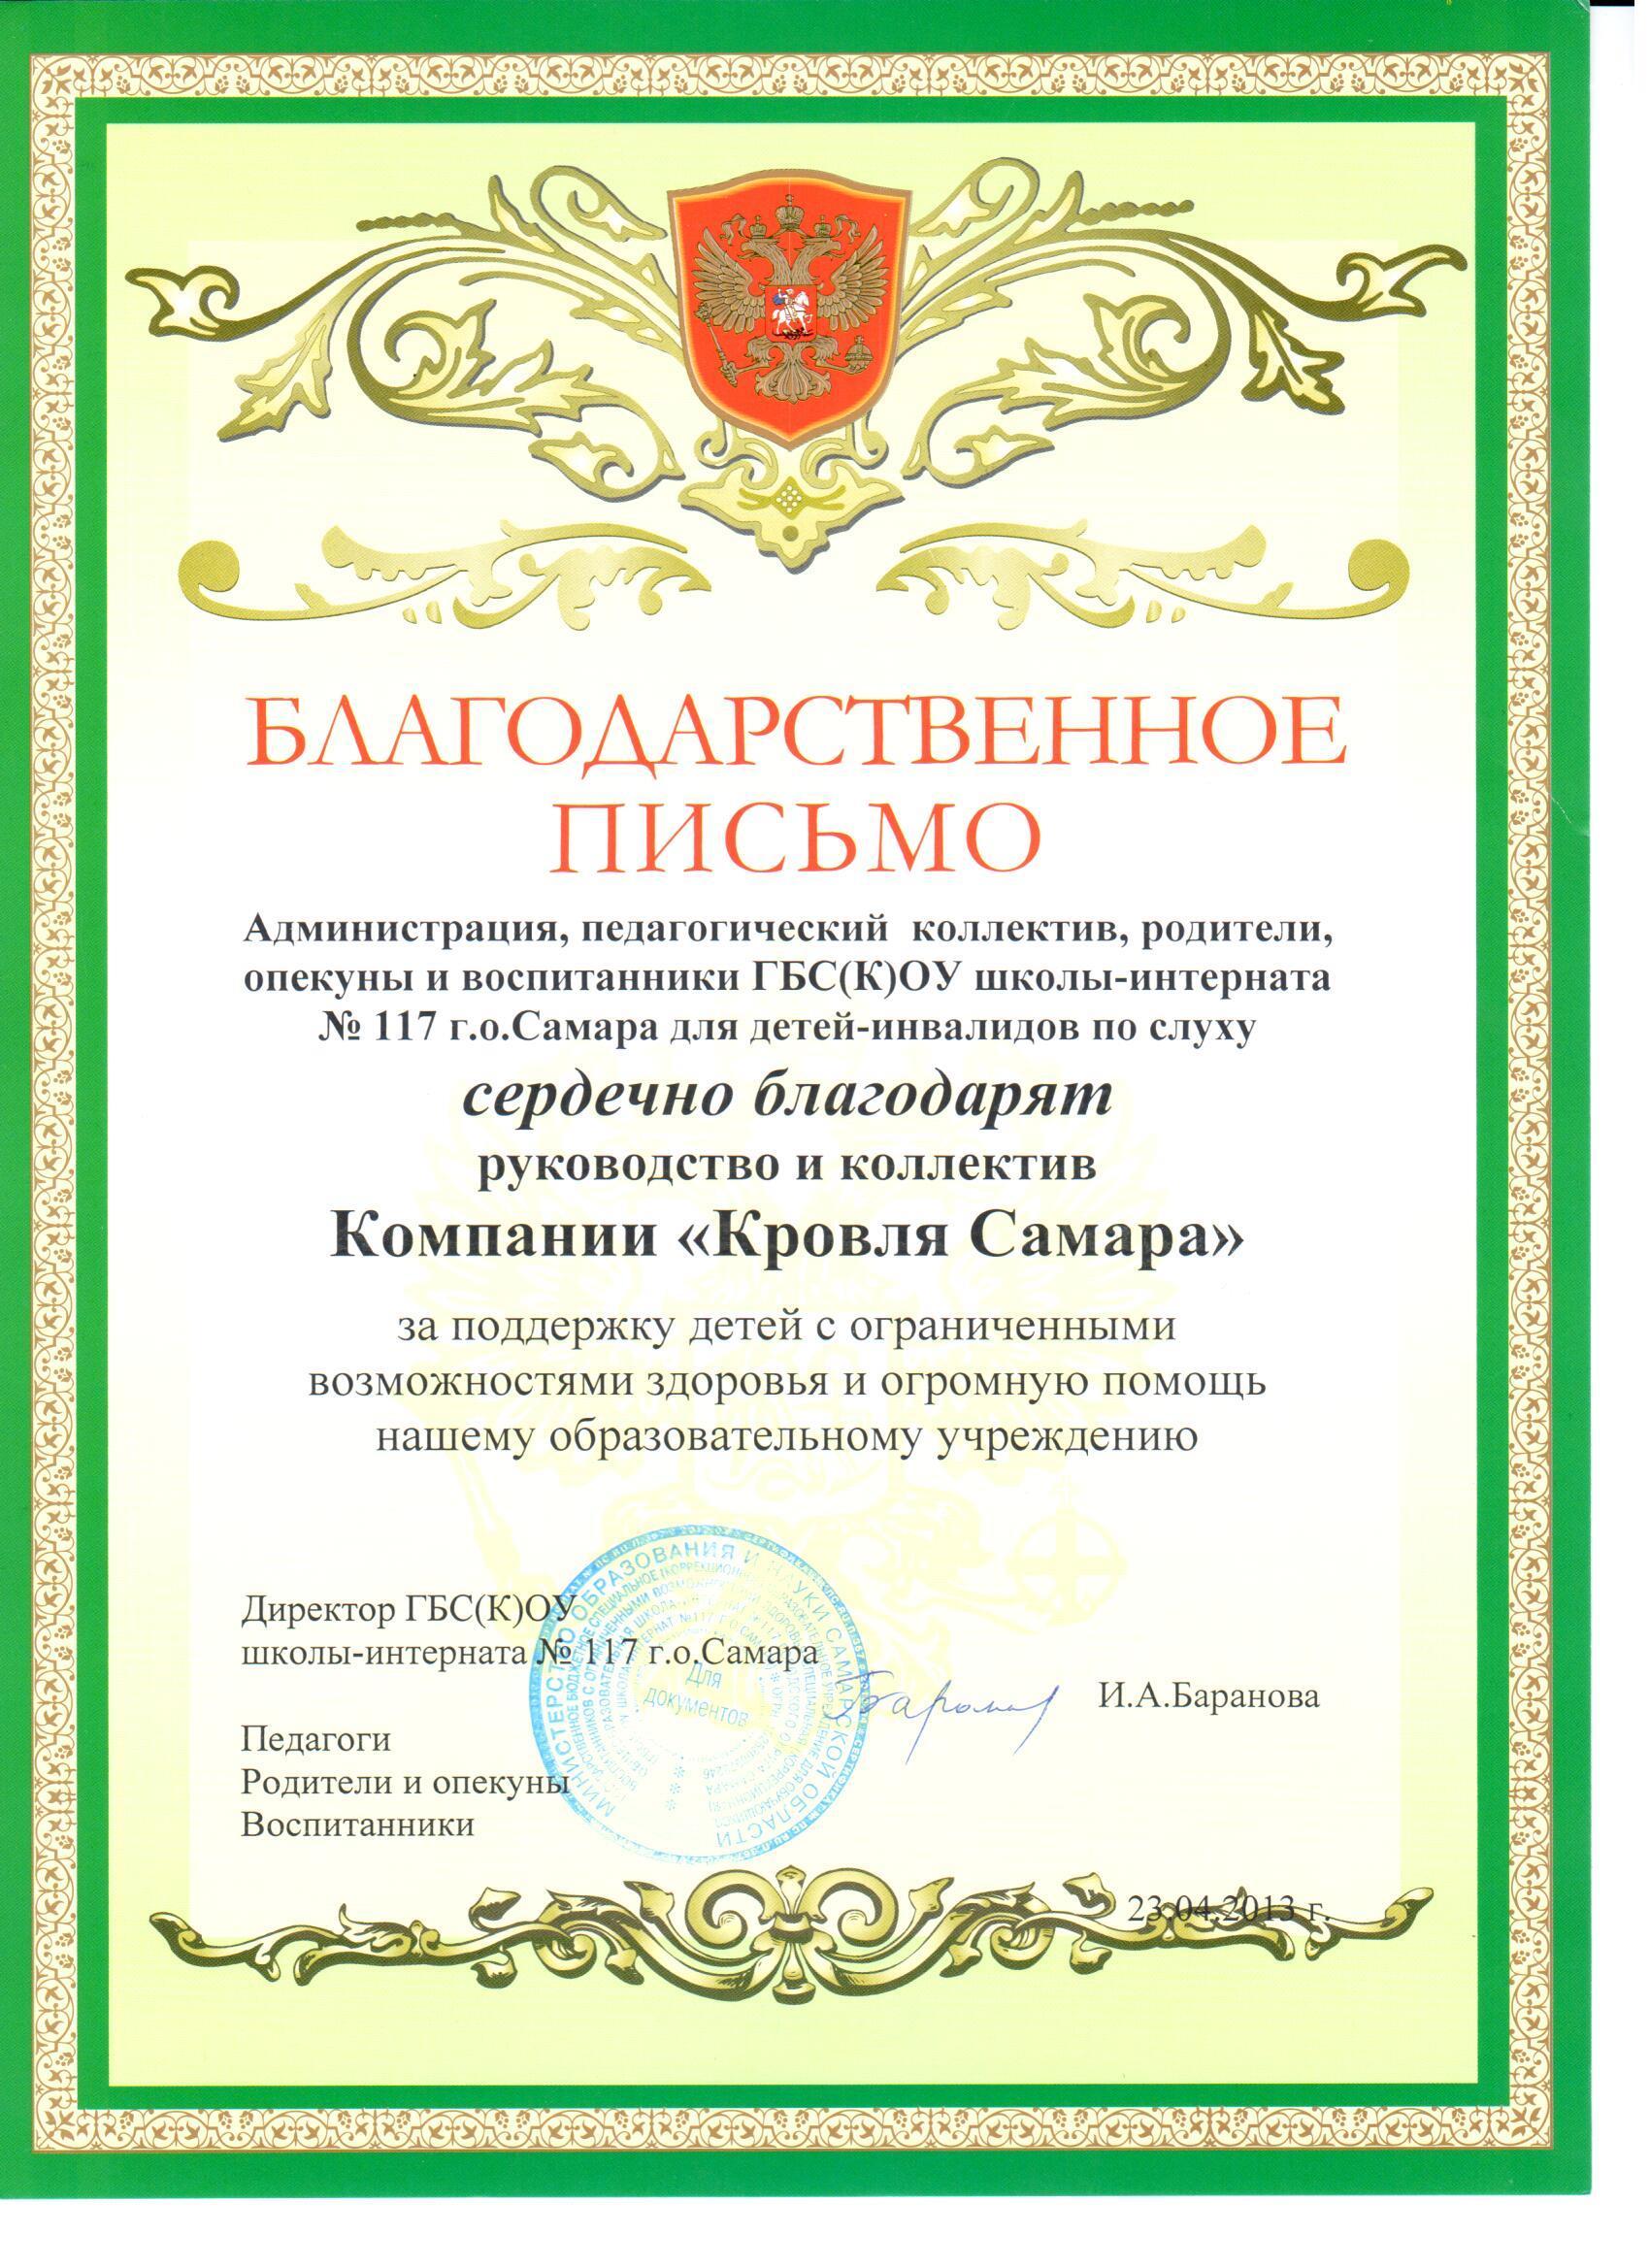 Благодарность компании Кровля Самара от школы интернат №117 г.Самара.